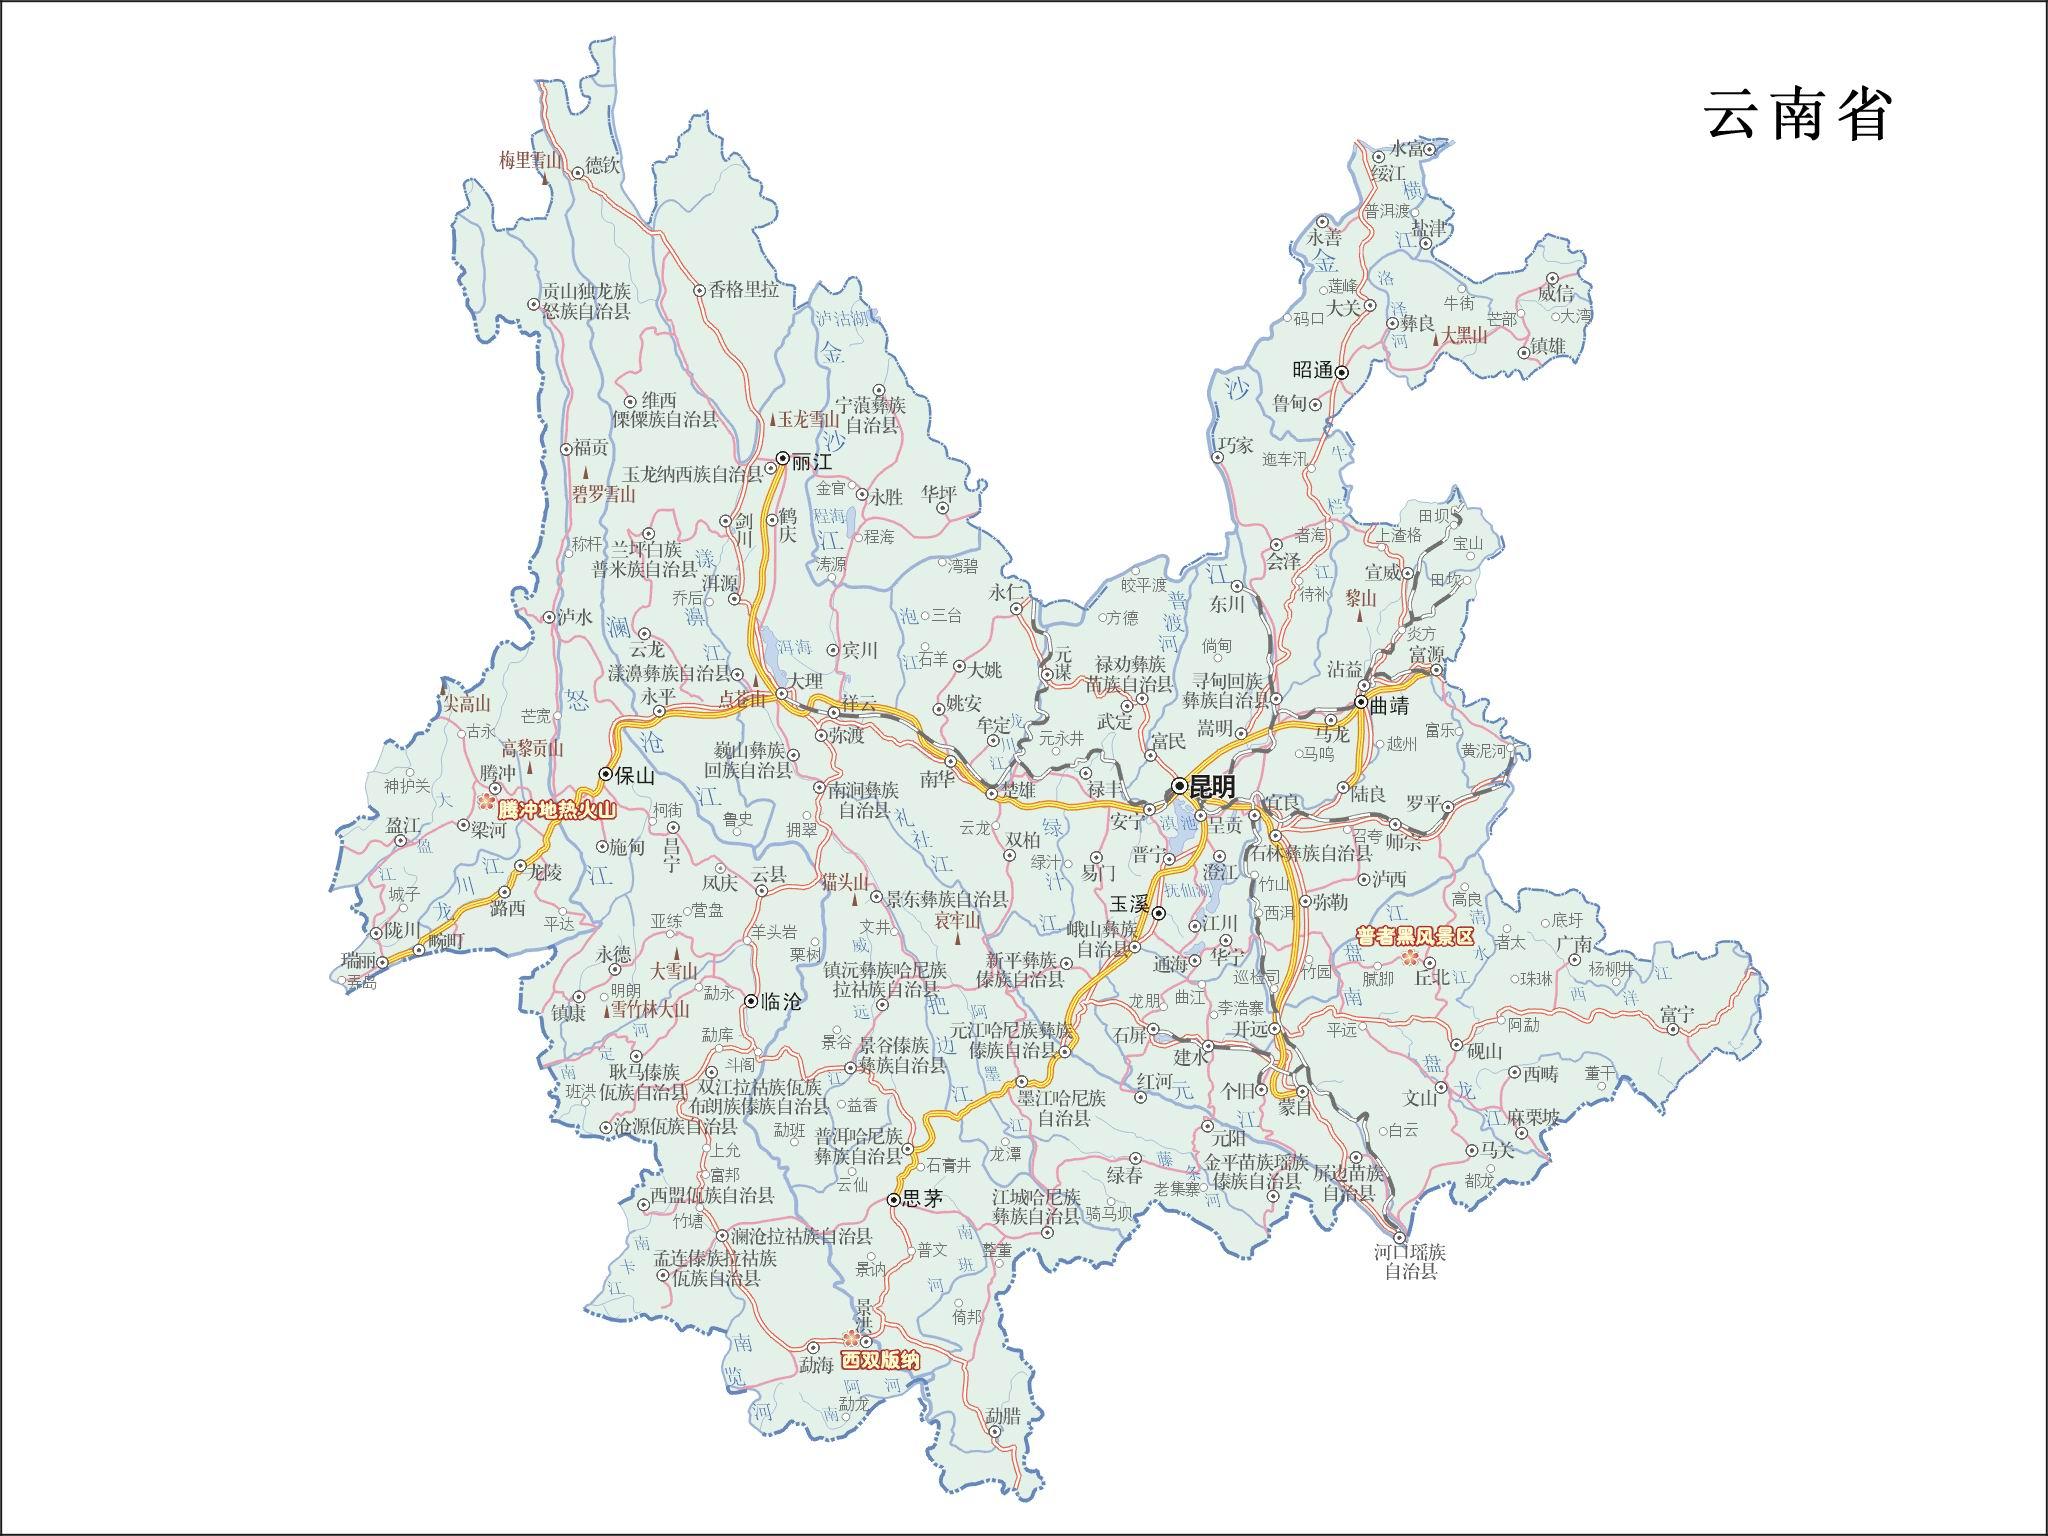 云南详细高清地图全图_云南旅游地图全图